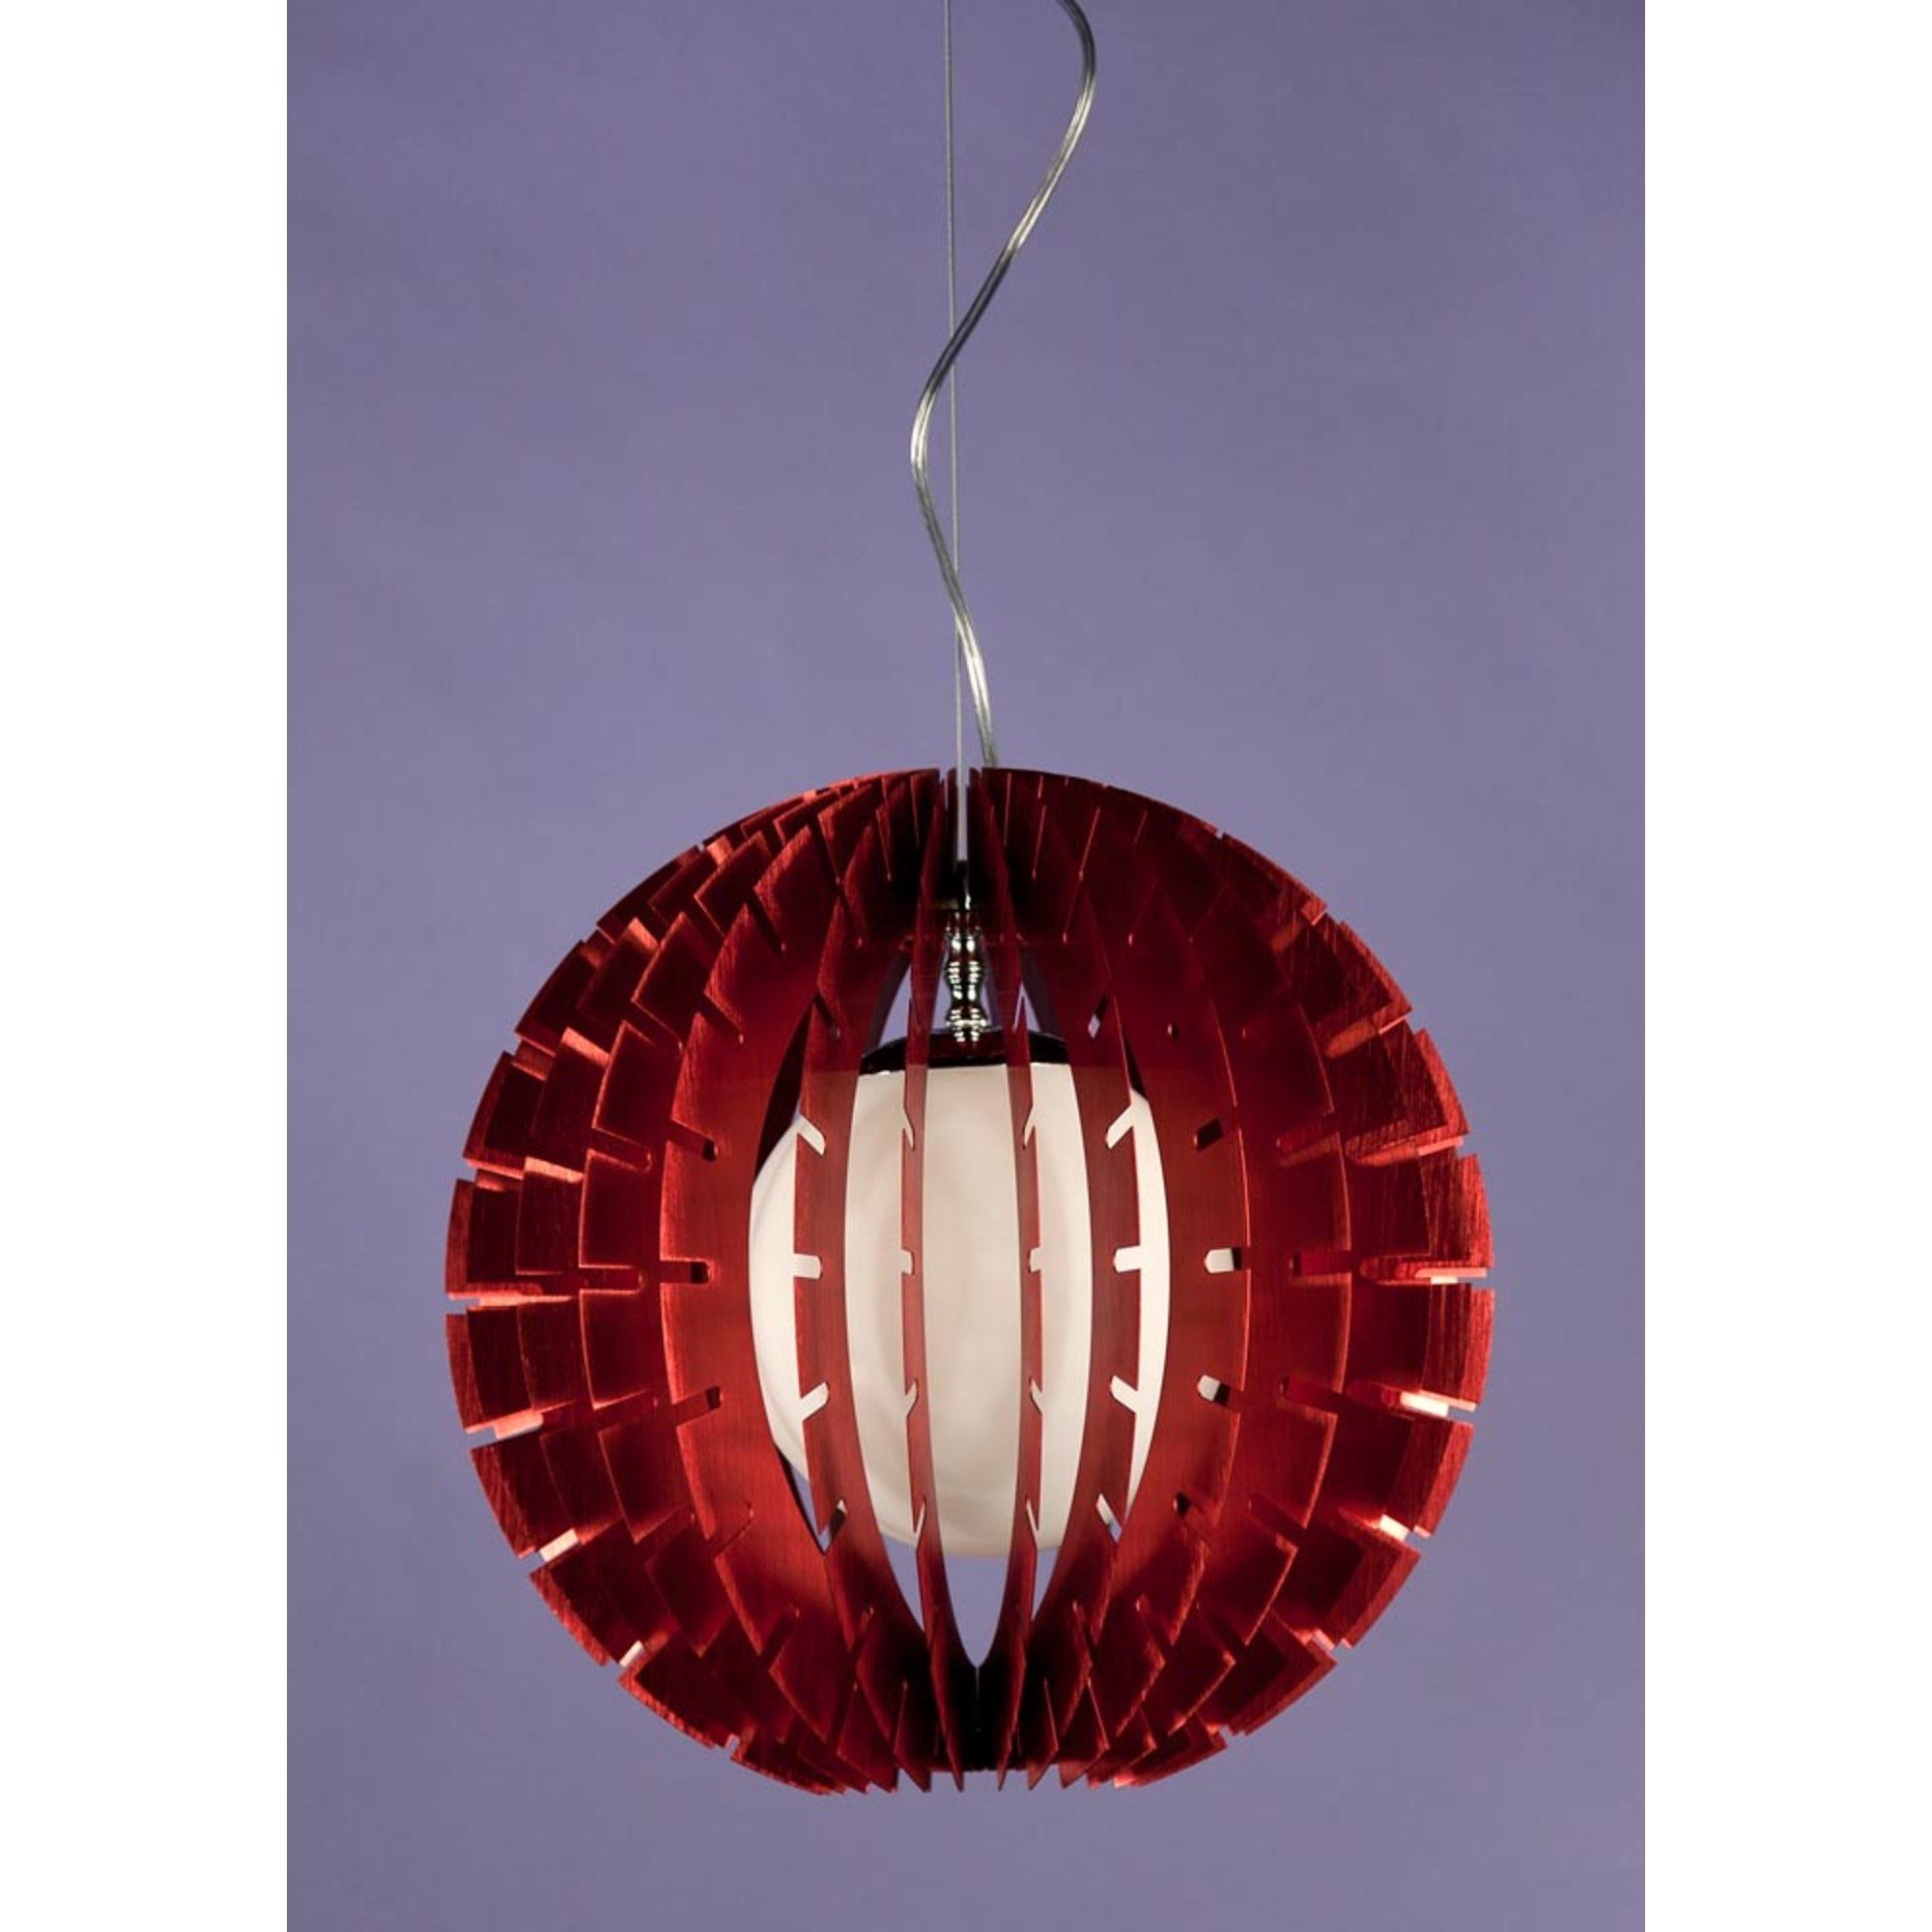 Ball Pendant Ceiling Light - Red